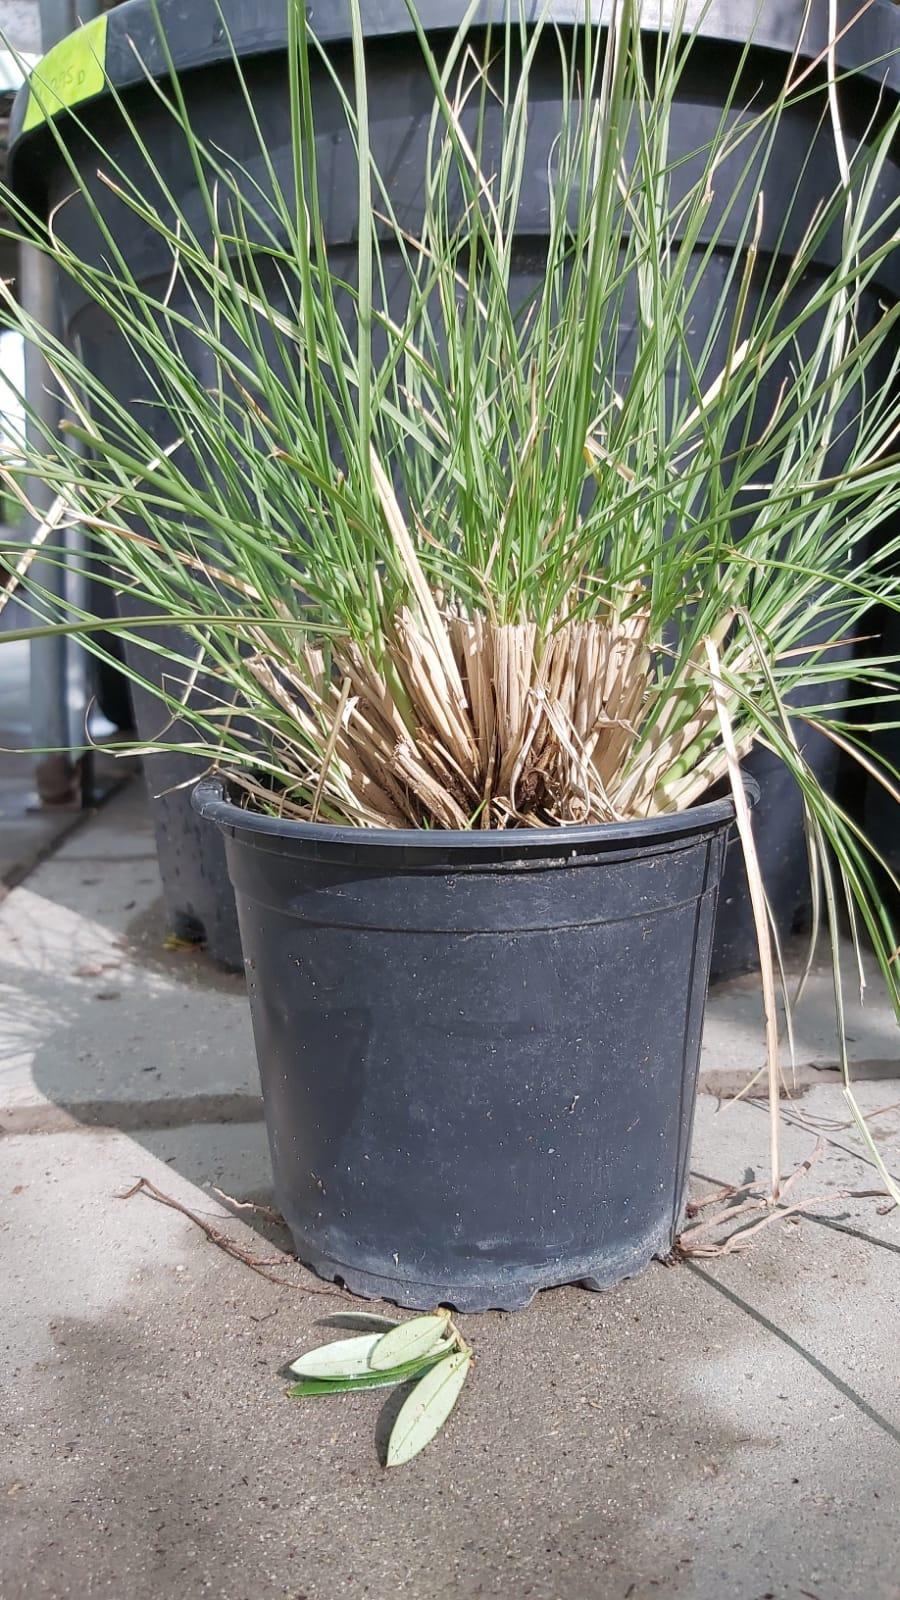 بنيسيتوم نباتات خارجية شجيرات